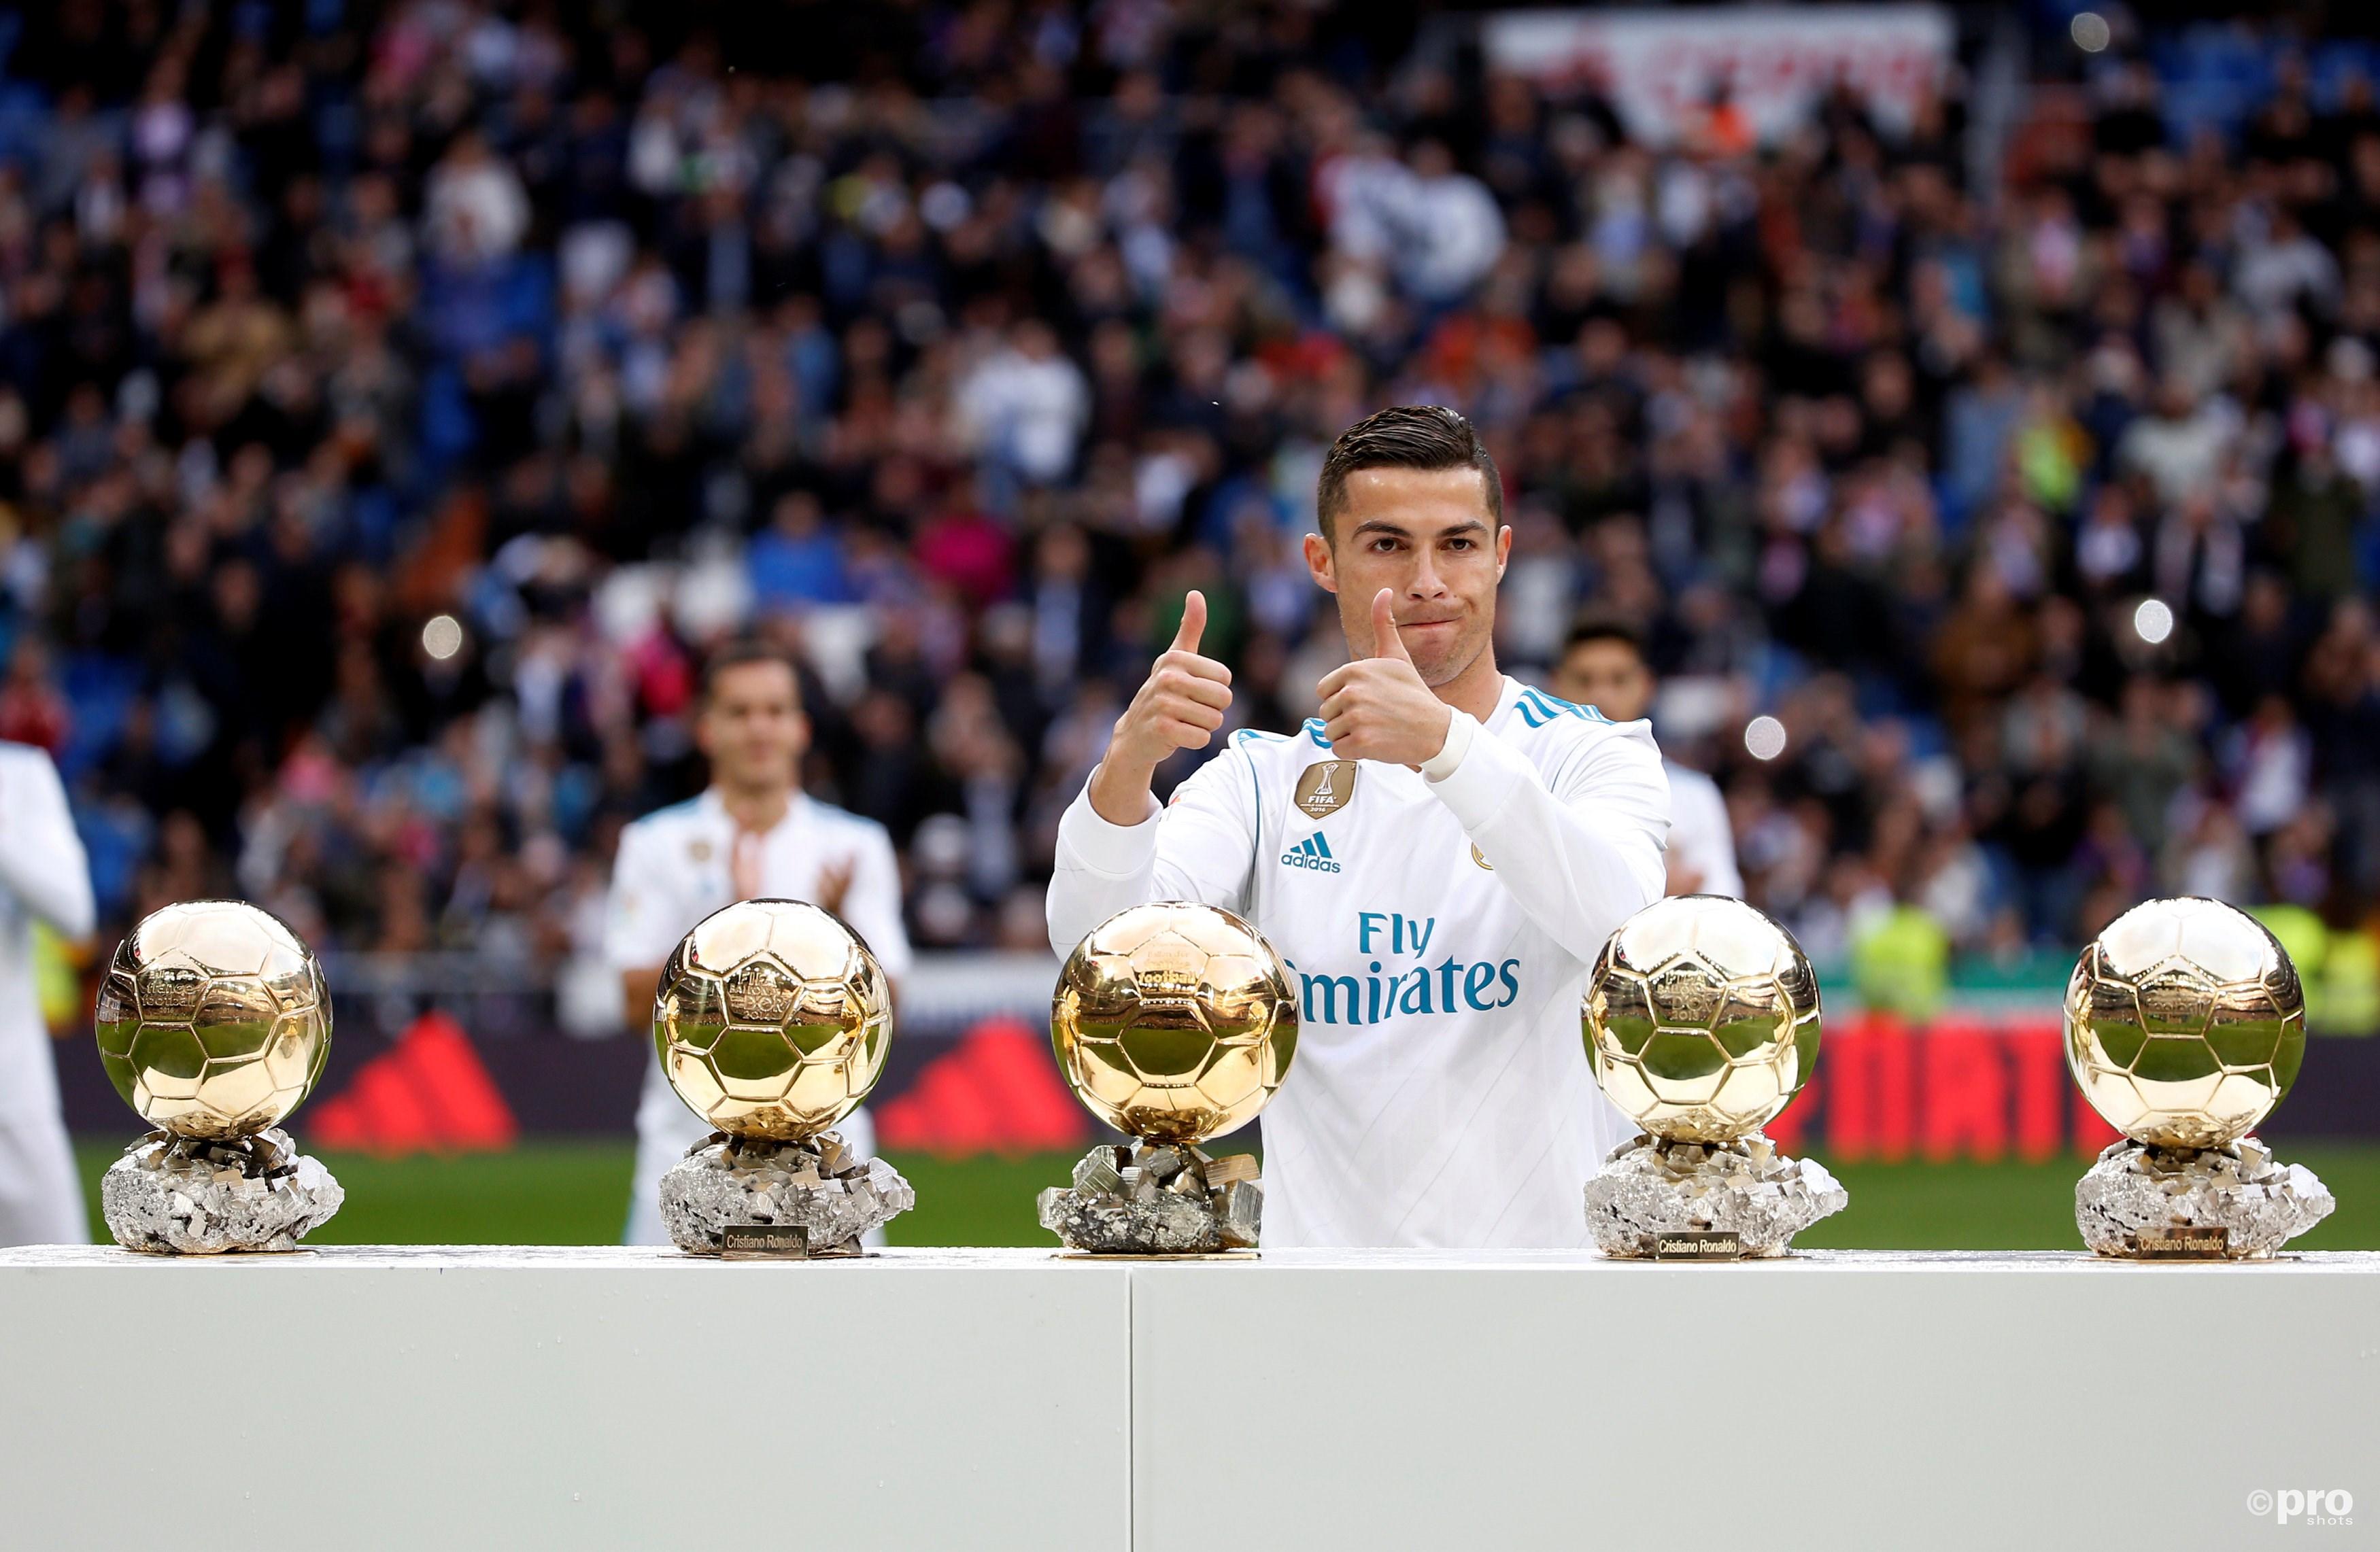 Ronaldo voorgafgaand de wedstrijd met zijn vijf gouden ballen. (PRO SHOTS/Action Images)